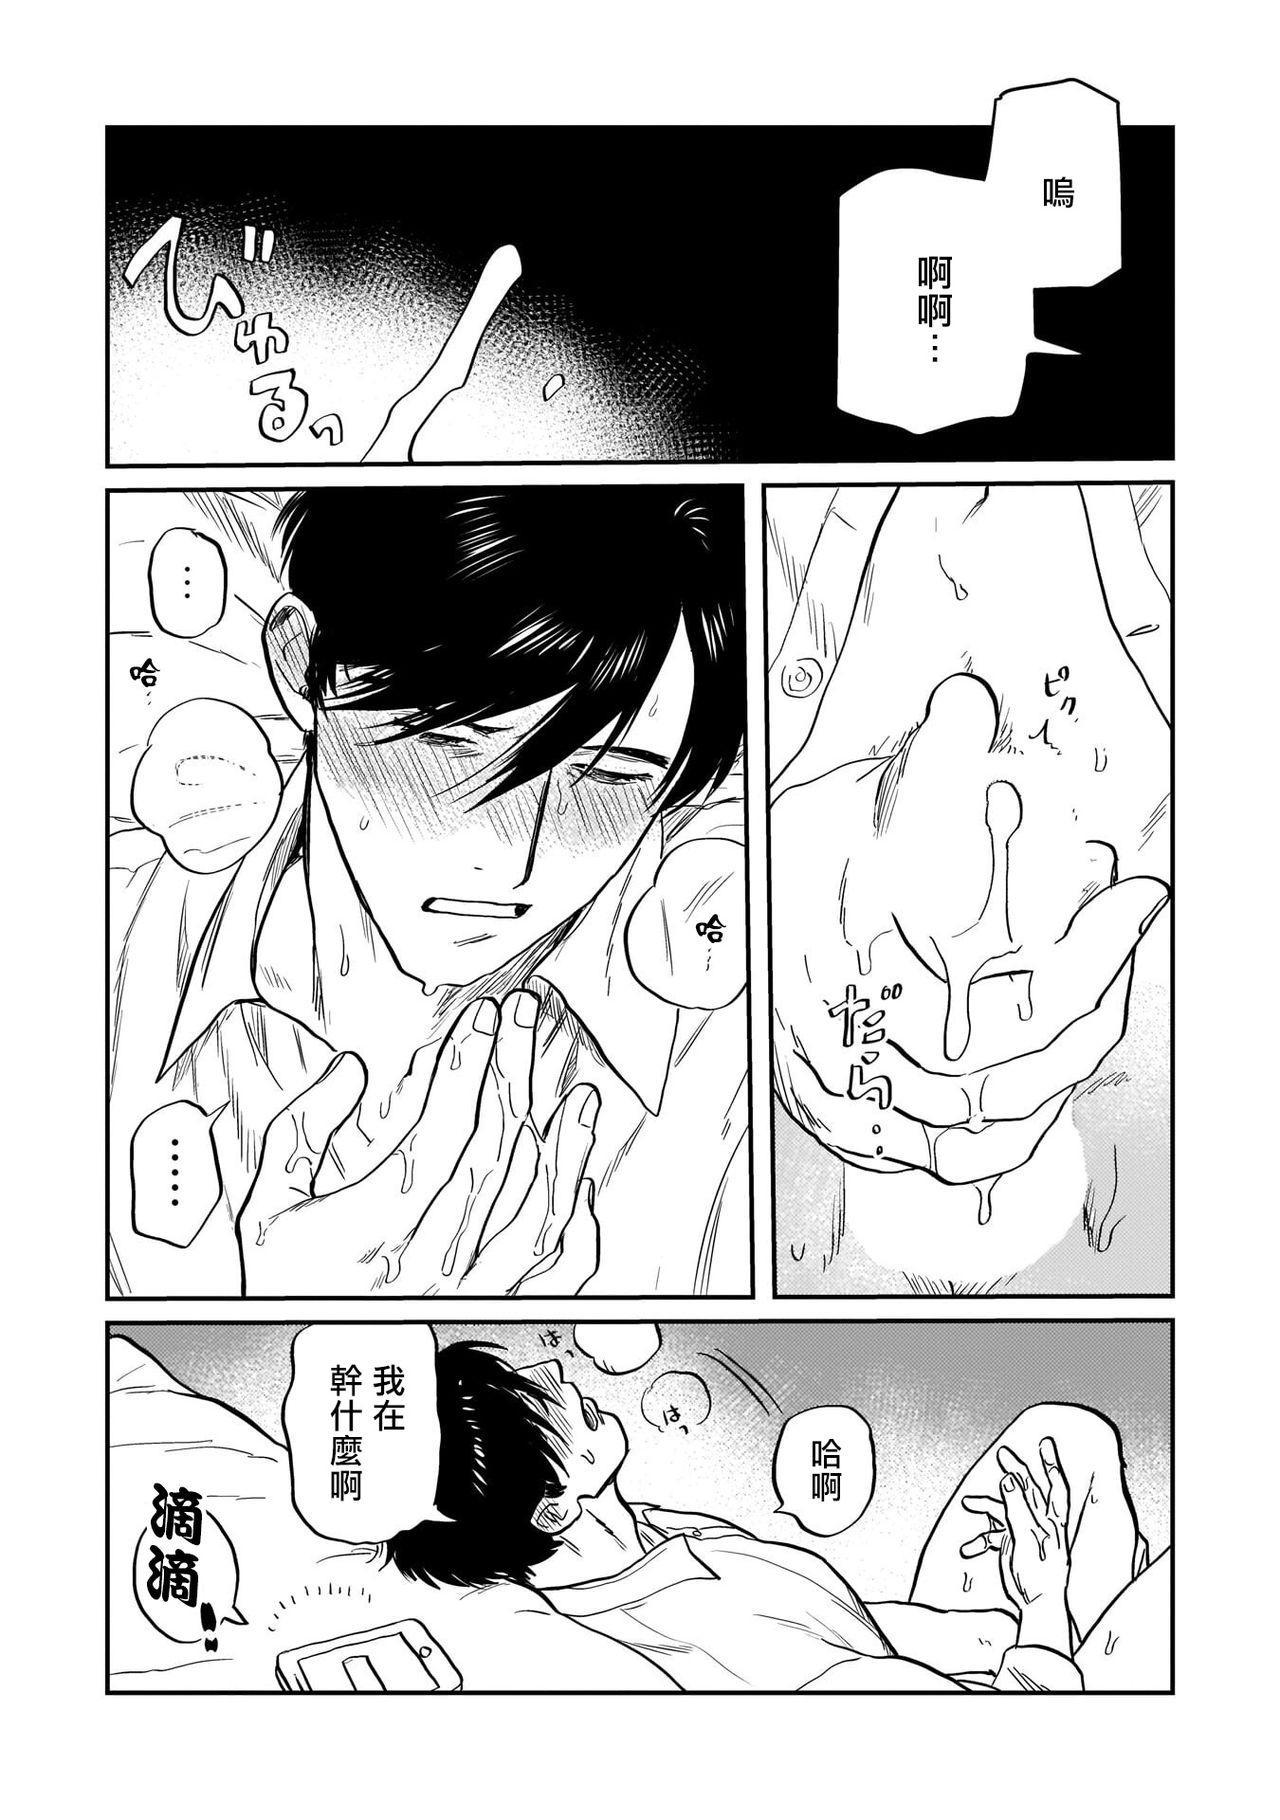 Kouhai no Oppai ga Suki Sugiru | 我太喜欢后辈的奶子了 Ch. 1-2 26